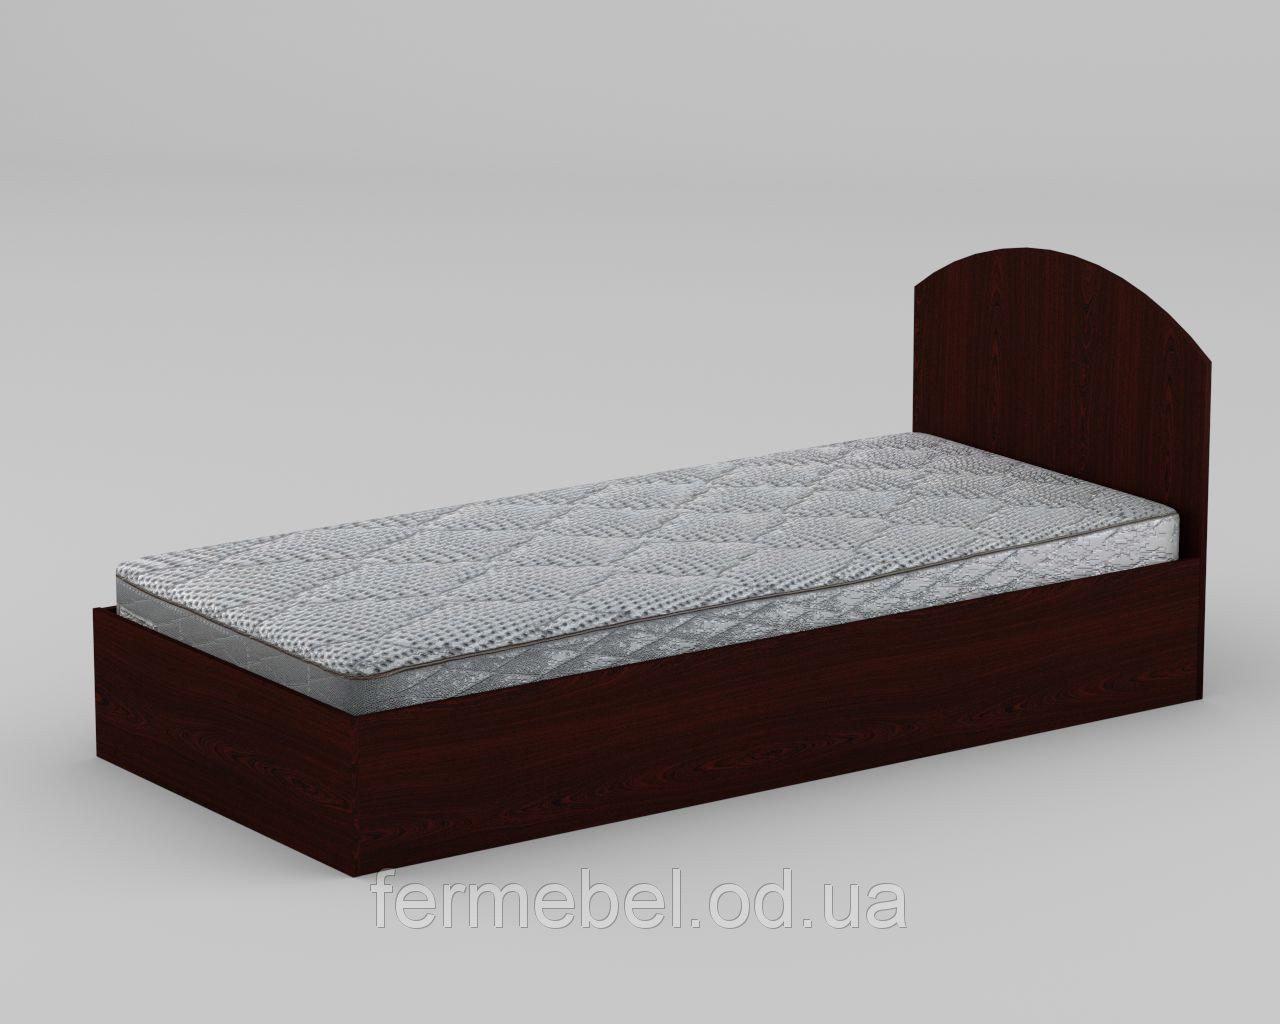 Односпальная кровать из древесно-стружечной плиты